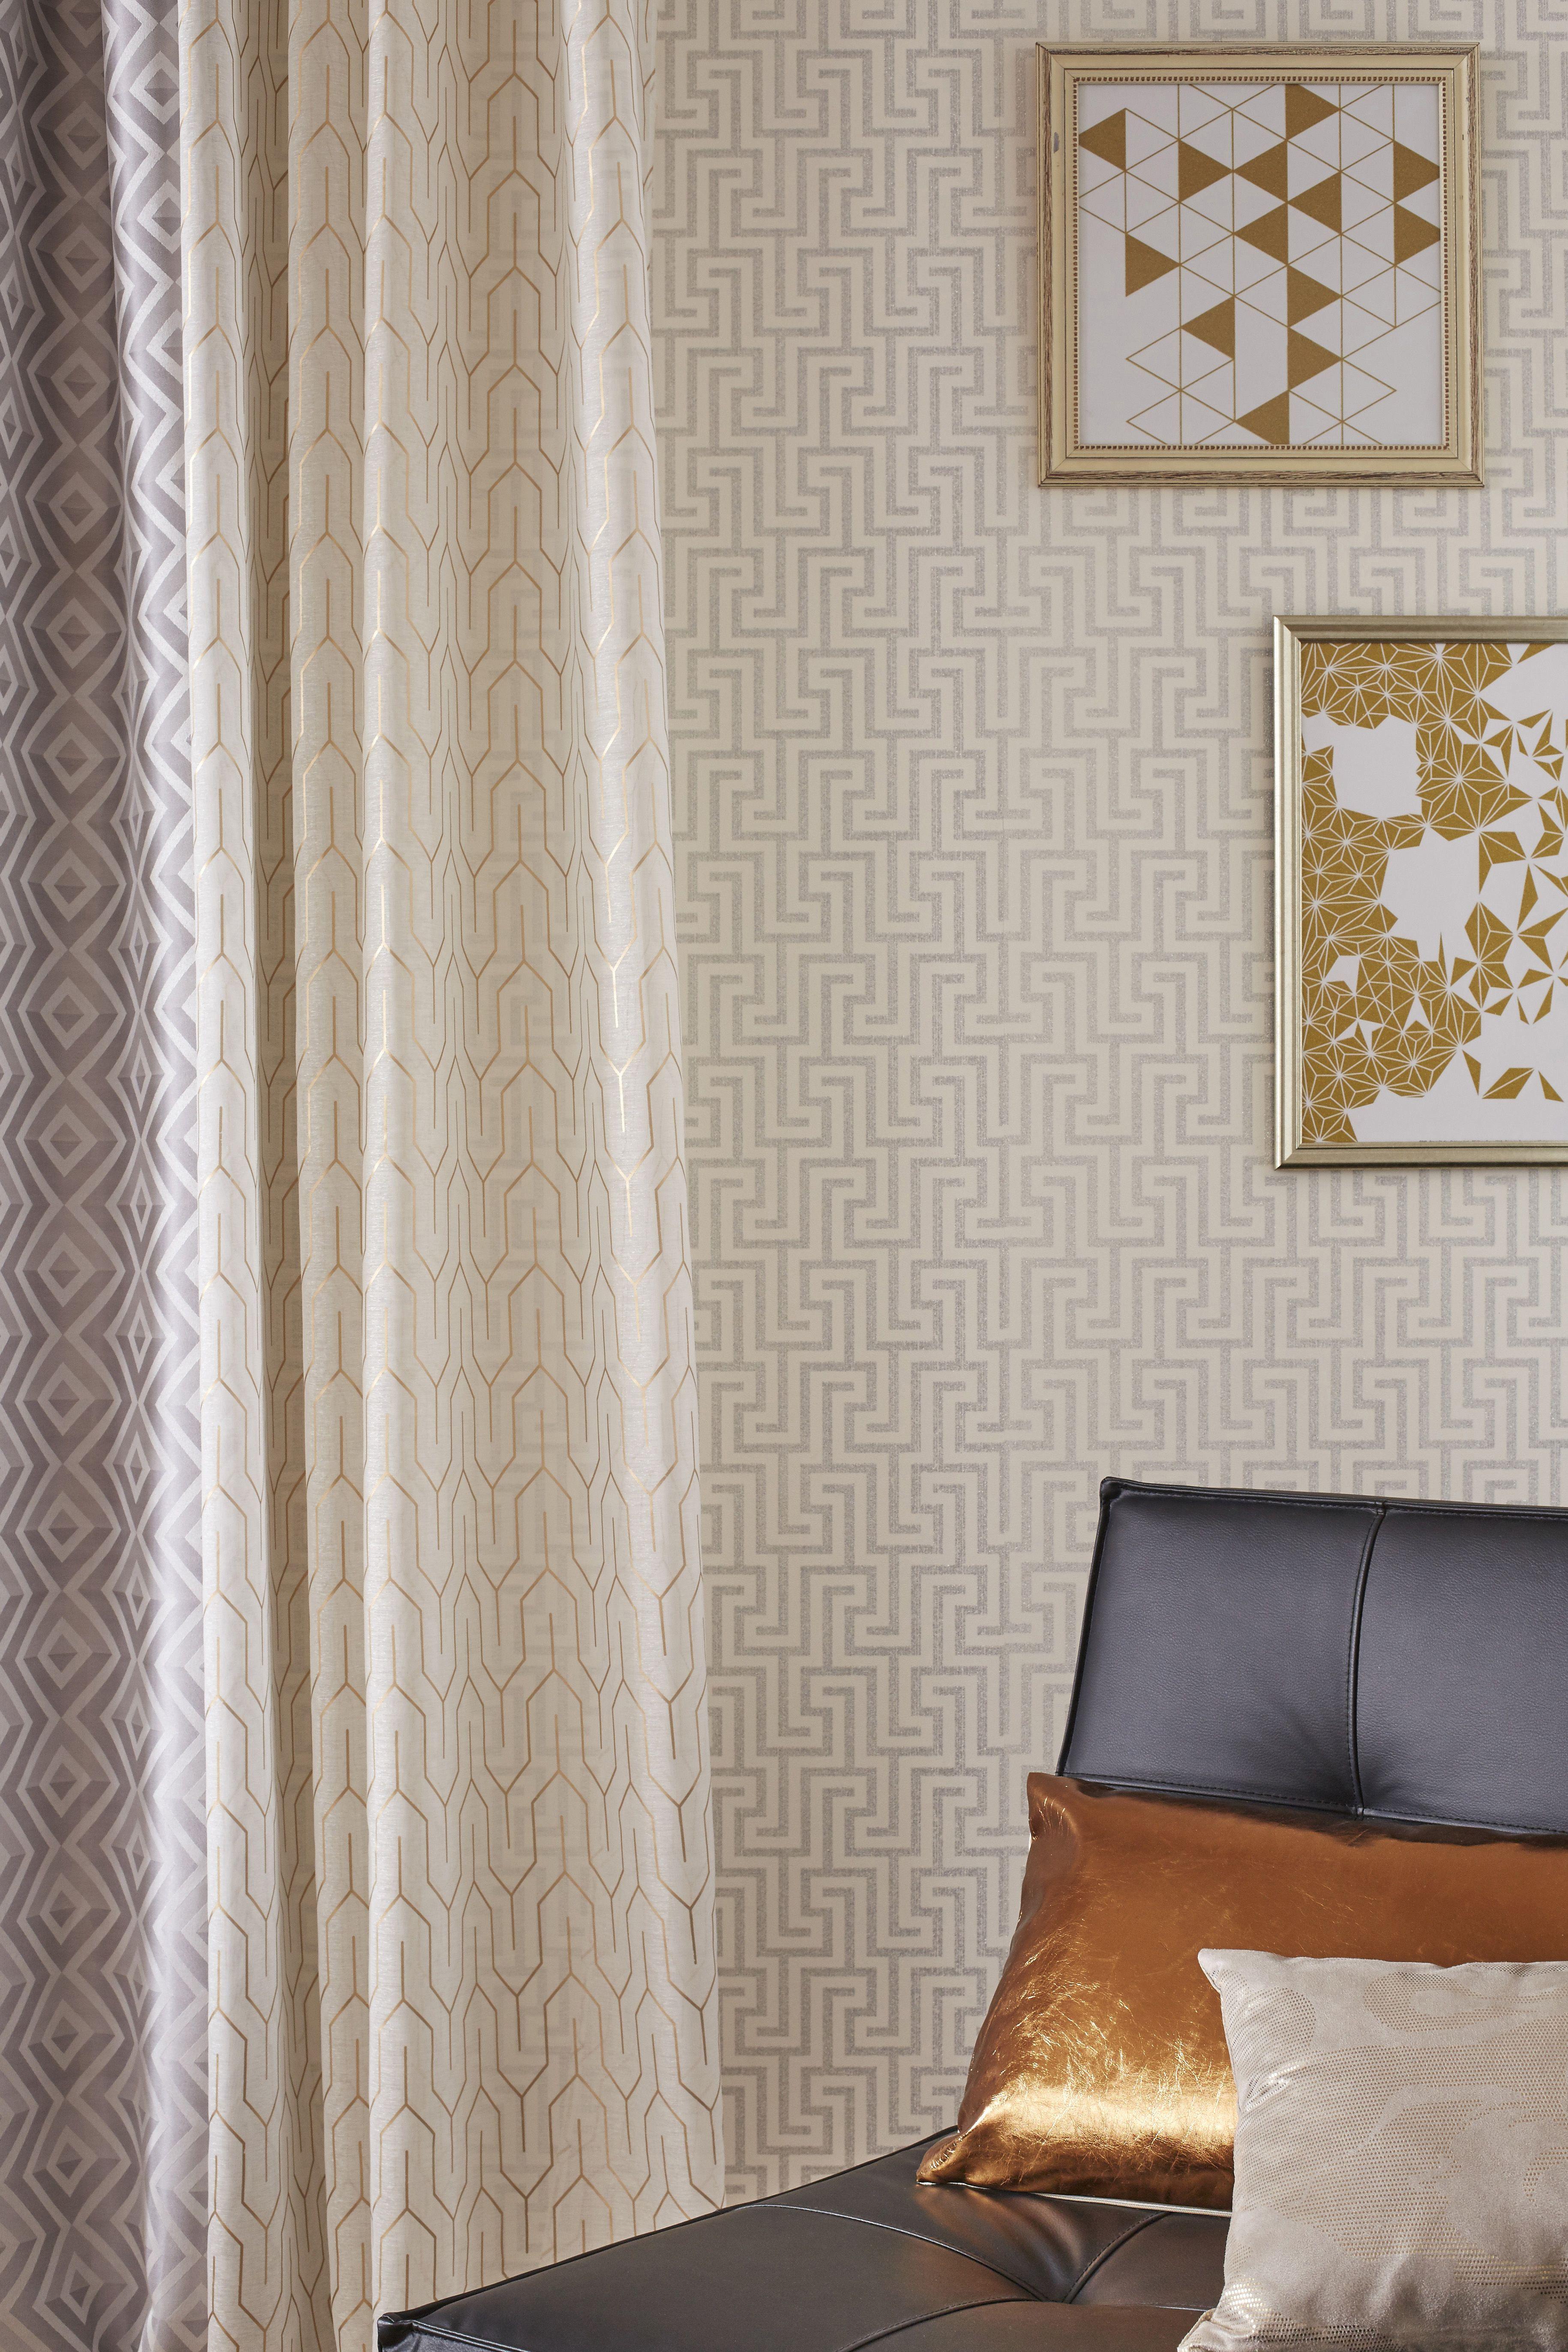 rideau tamisant arty gris l 140 x h 250 cm pour un salon cosy leroymerlin tendance salon rideau tendances deco salon vie confortable salle de sejour